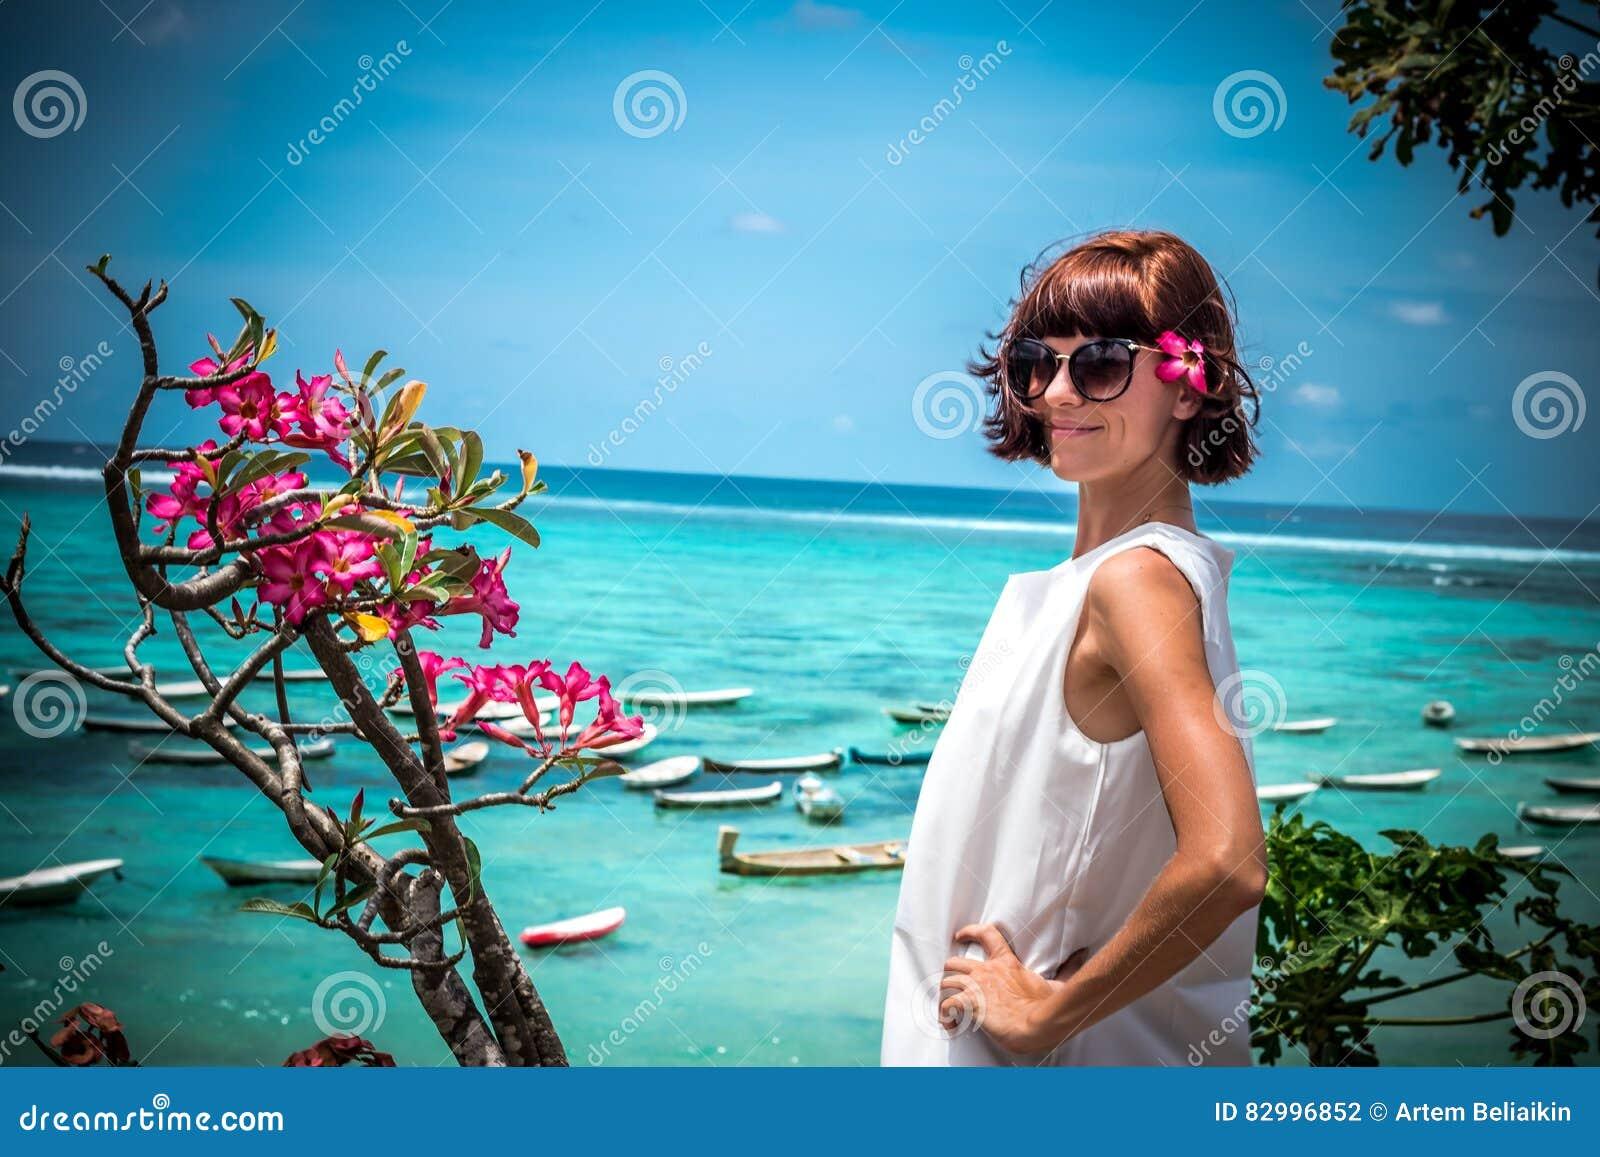 Portret van een mooie gezonde jonge vrouw dichtbij de oceaan met blauwe water en bloemen Tropisch eiland Bali, Indonesië